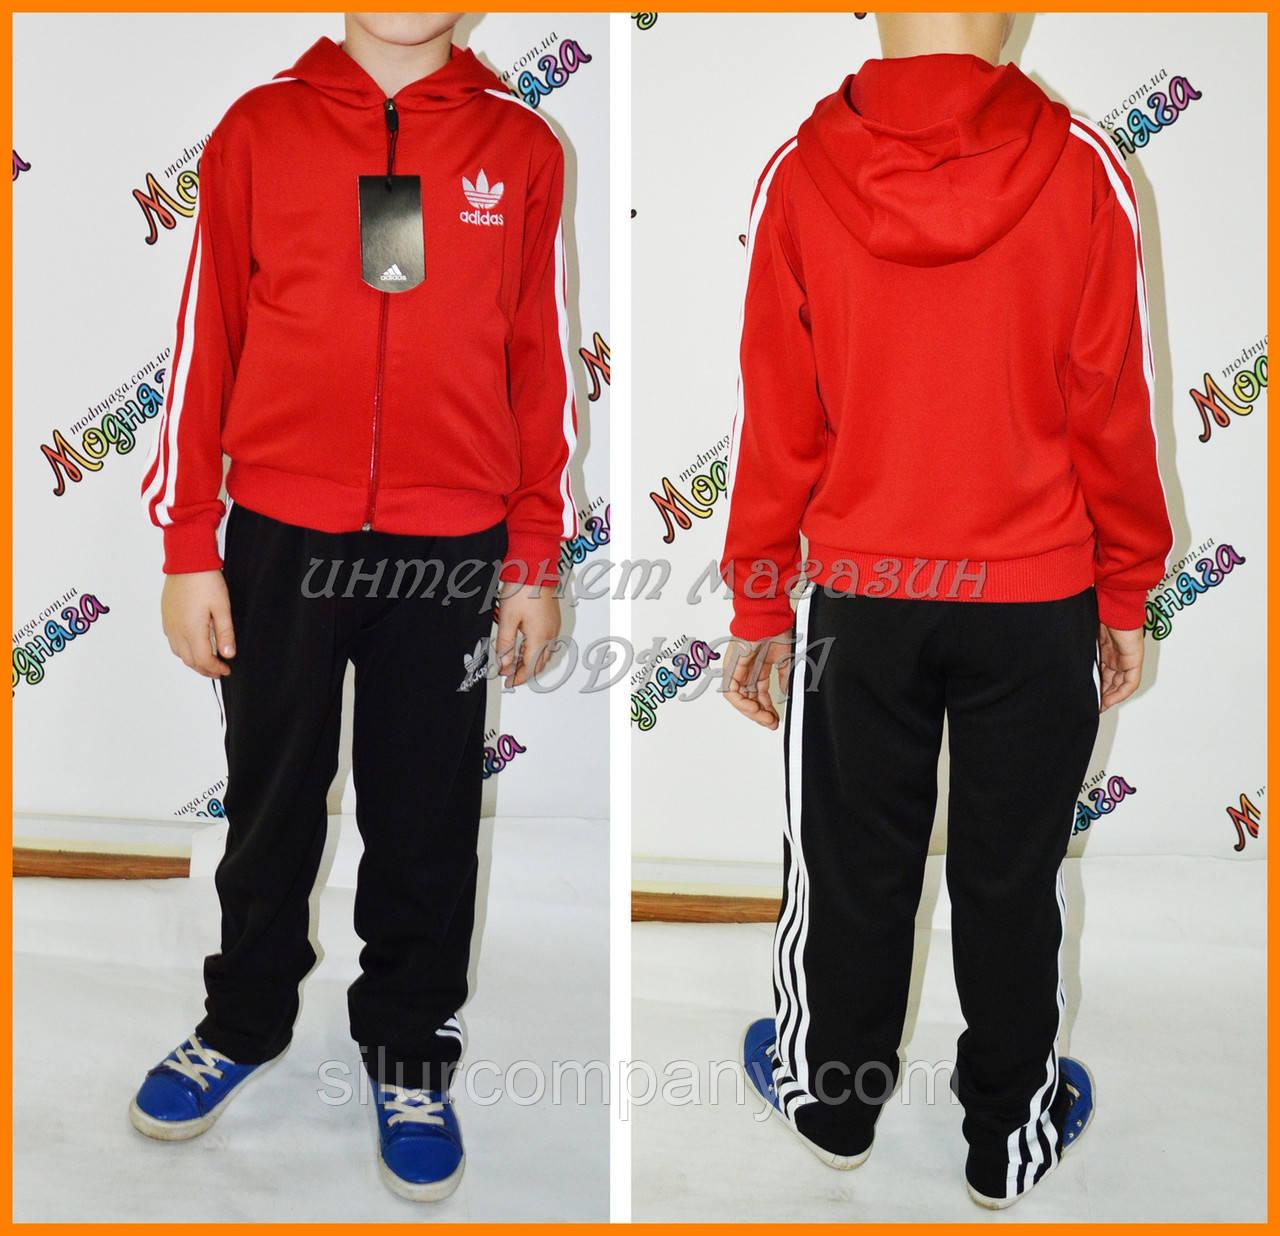 a0406321 Спортивные костюмы для мальчиков Адидас, Найк, Феррари - Интернет магазин